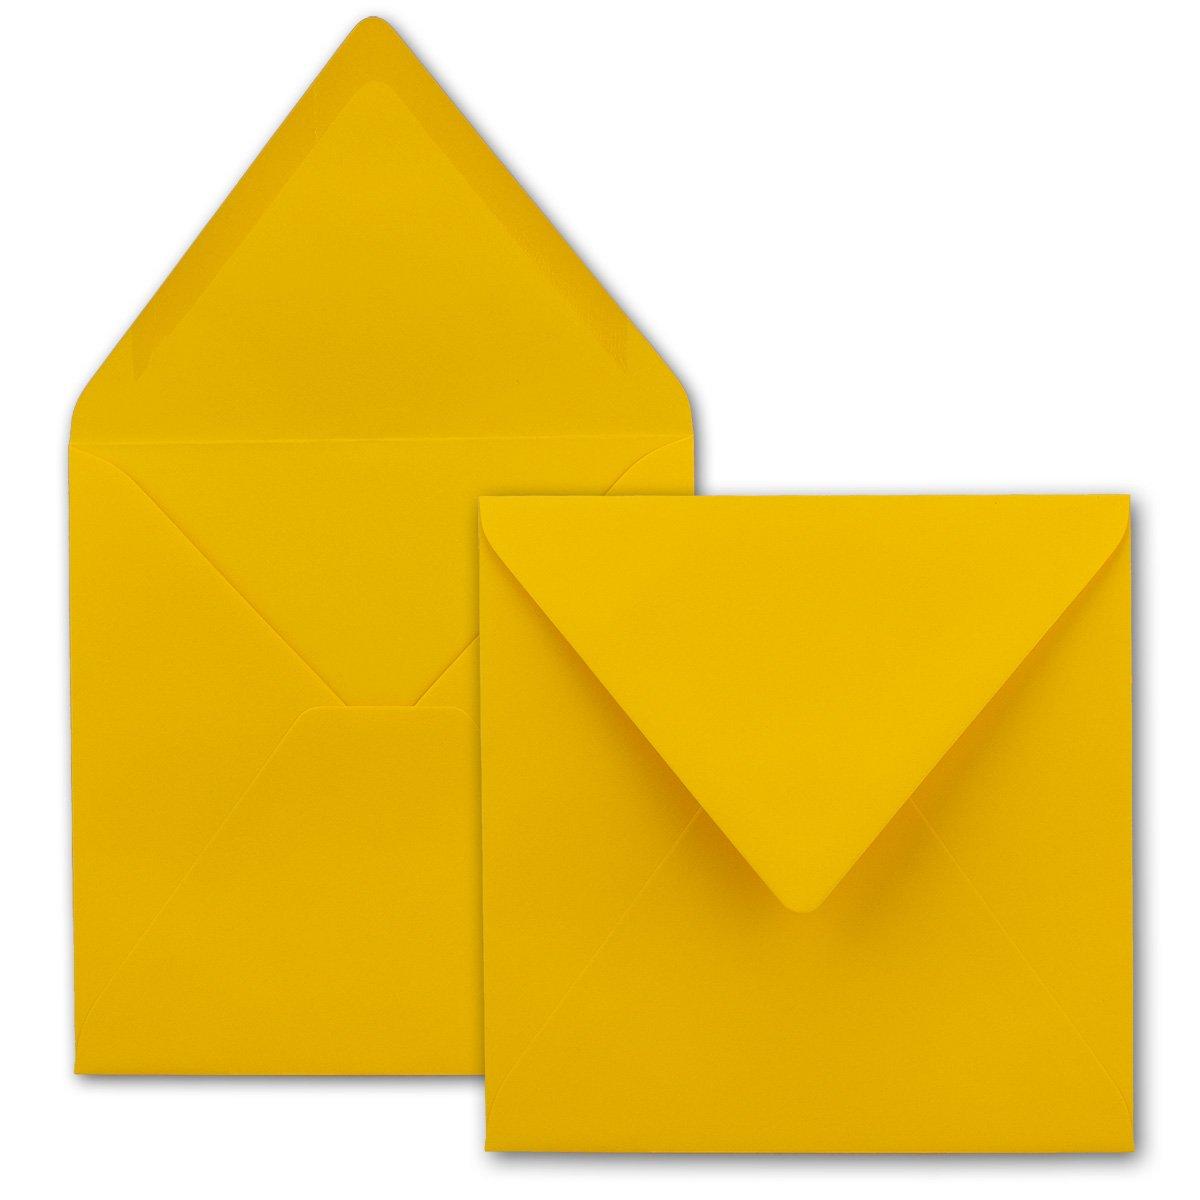 Quadratische Brief-Umschläge - - - Farbe Hochweiss   150 Stück   155 x 155 mm   Nassklebung   Für Einladungen & Hochzeit    Serie FarbenFroh® B07D2GDGB8 | Smart  85da3e